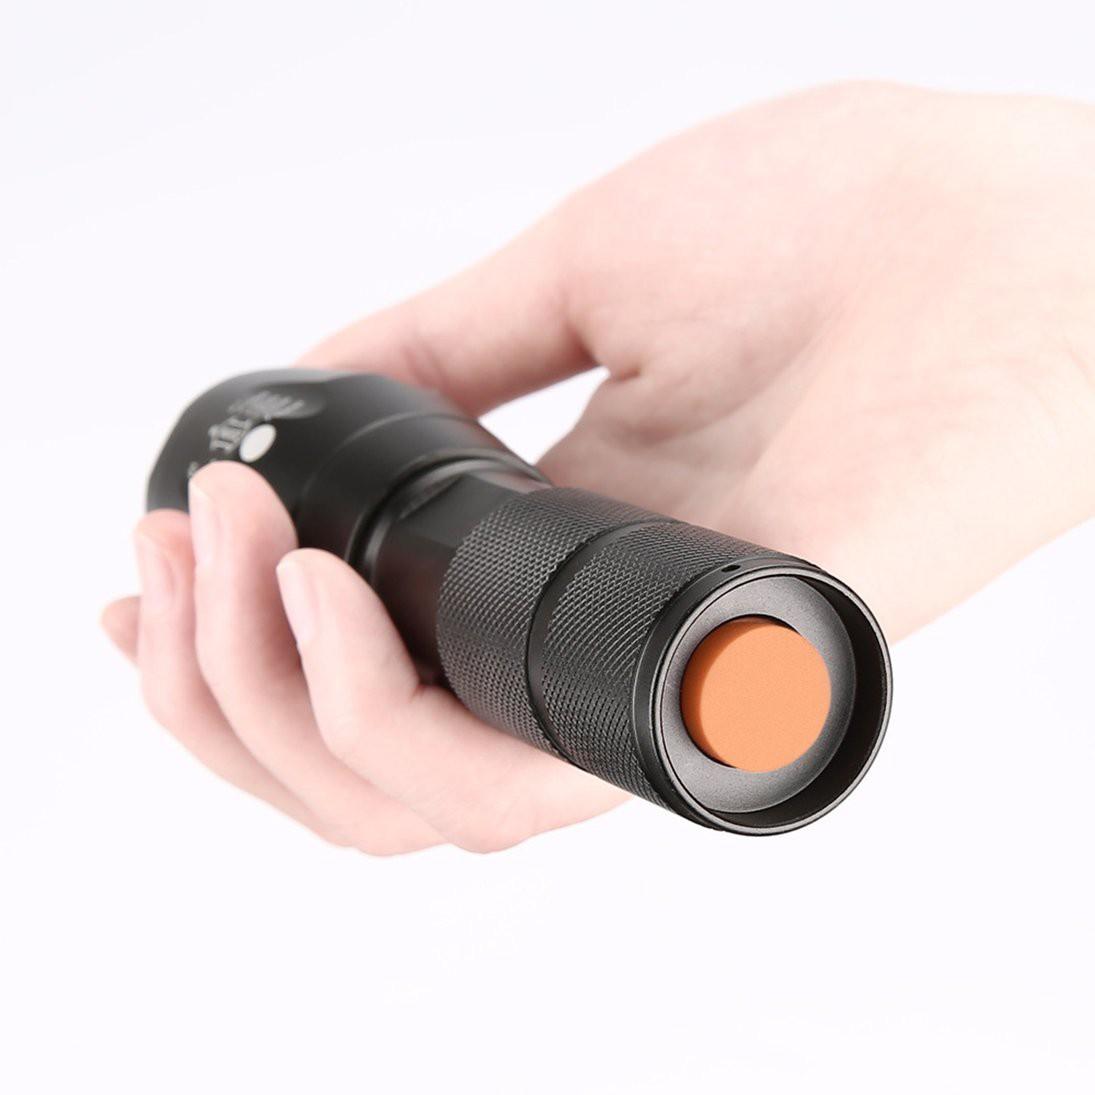 10000流明Led手電筒T6 / L2超亮手電筒5種模式手電筒 [onthewaynow]